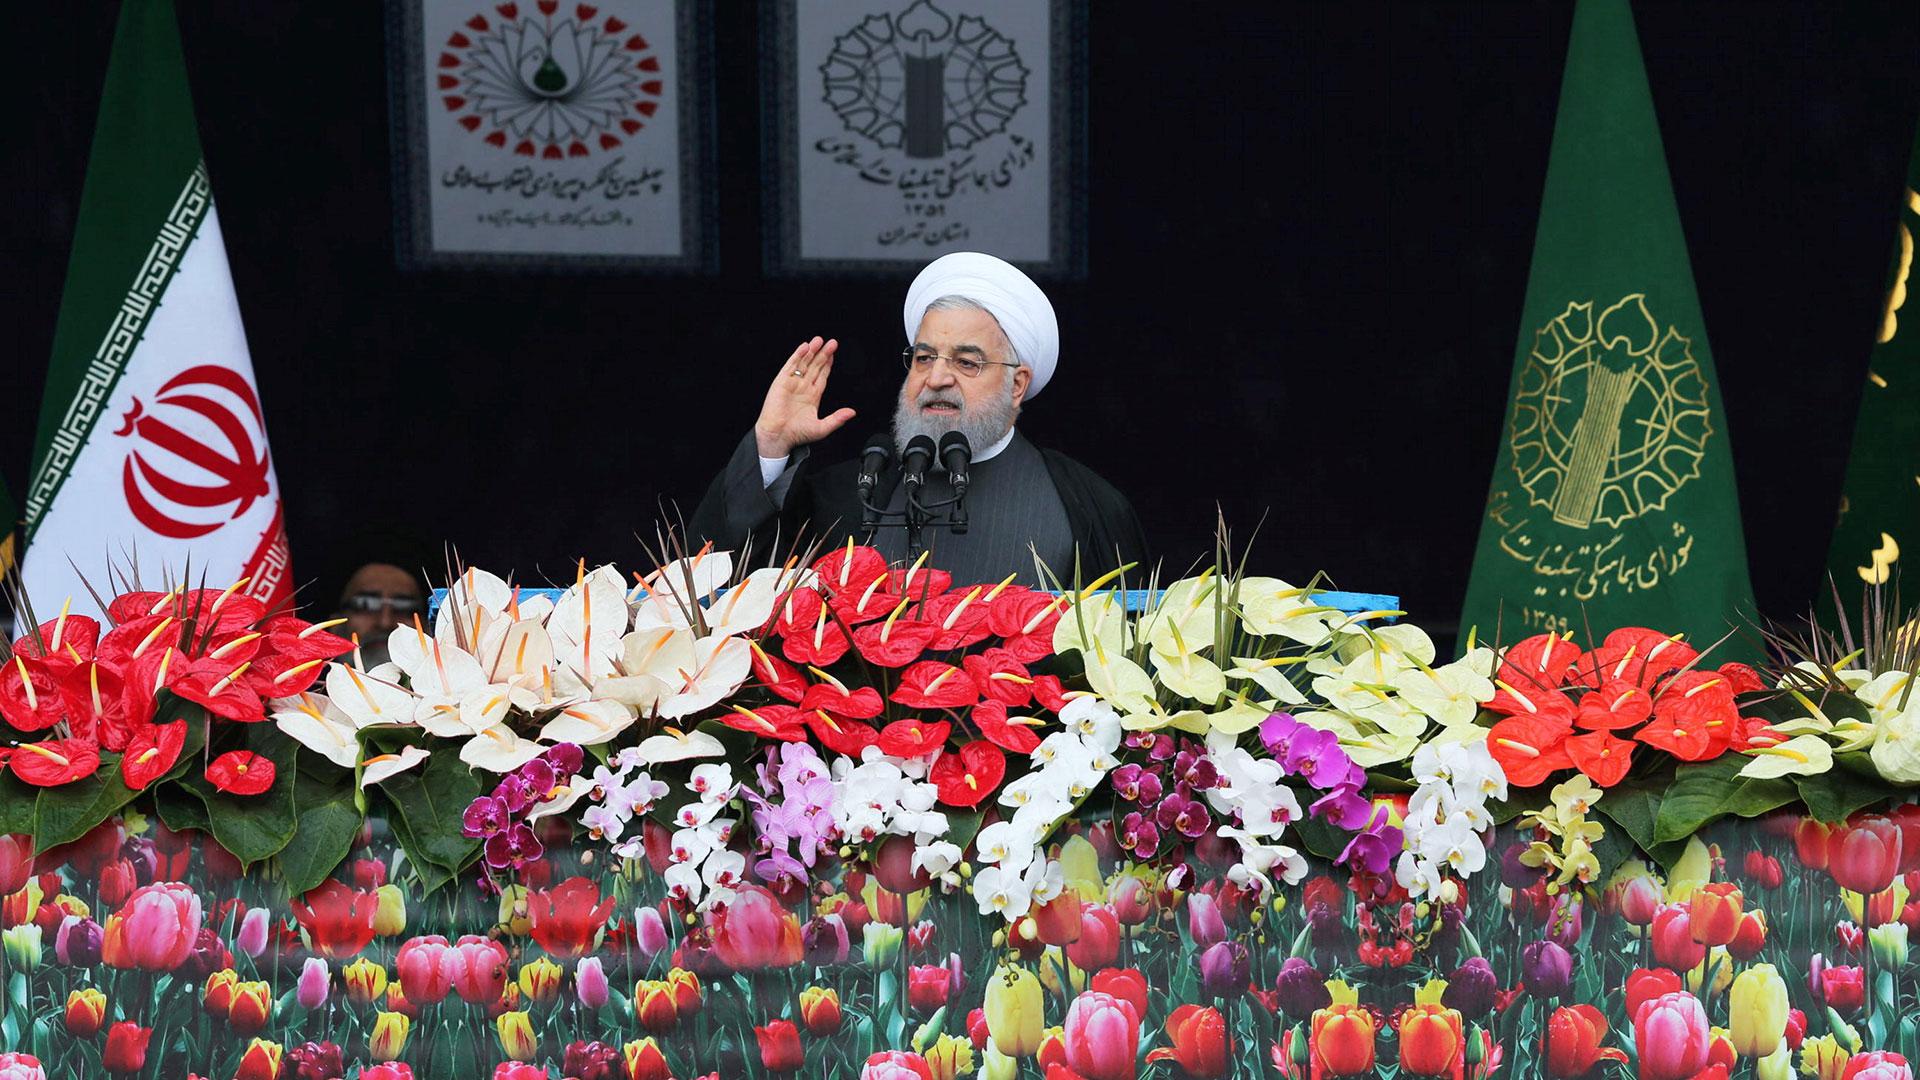 """Rouhani aseguró que """"el enemigo no alcanzará sus planes diabólicos"""" (Reuters)"""